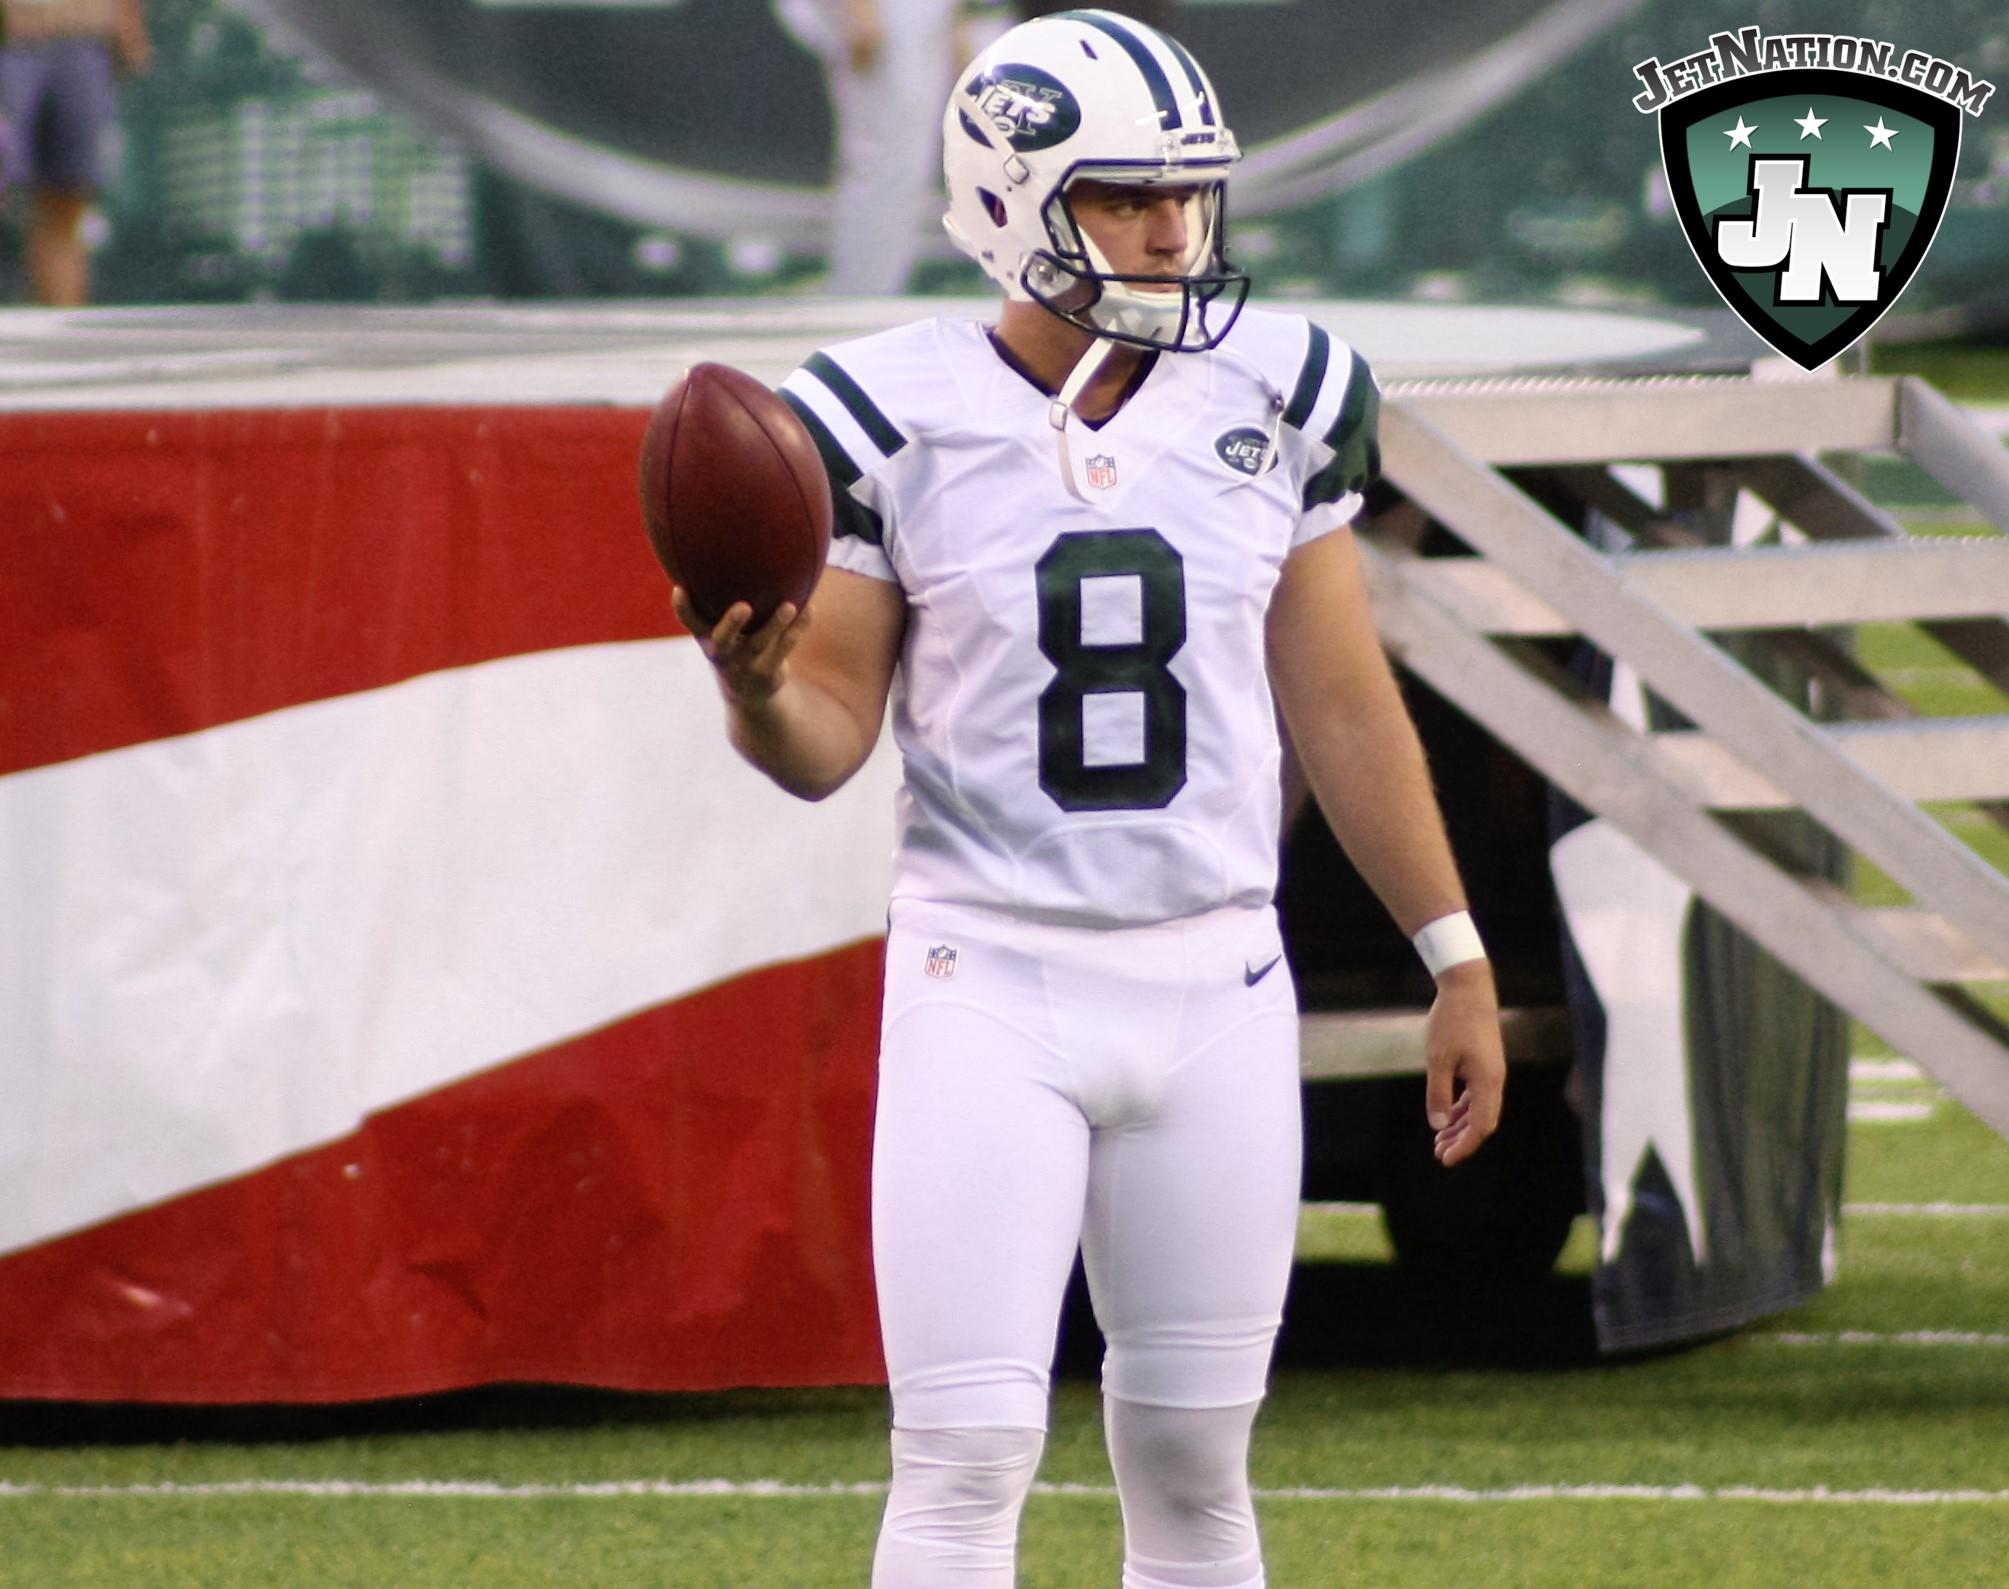 Jets Bring Back Kicker Ross Martin